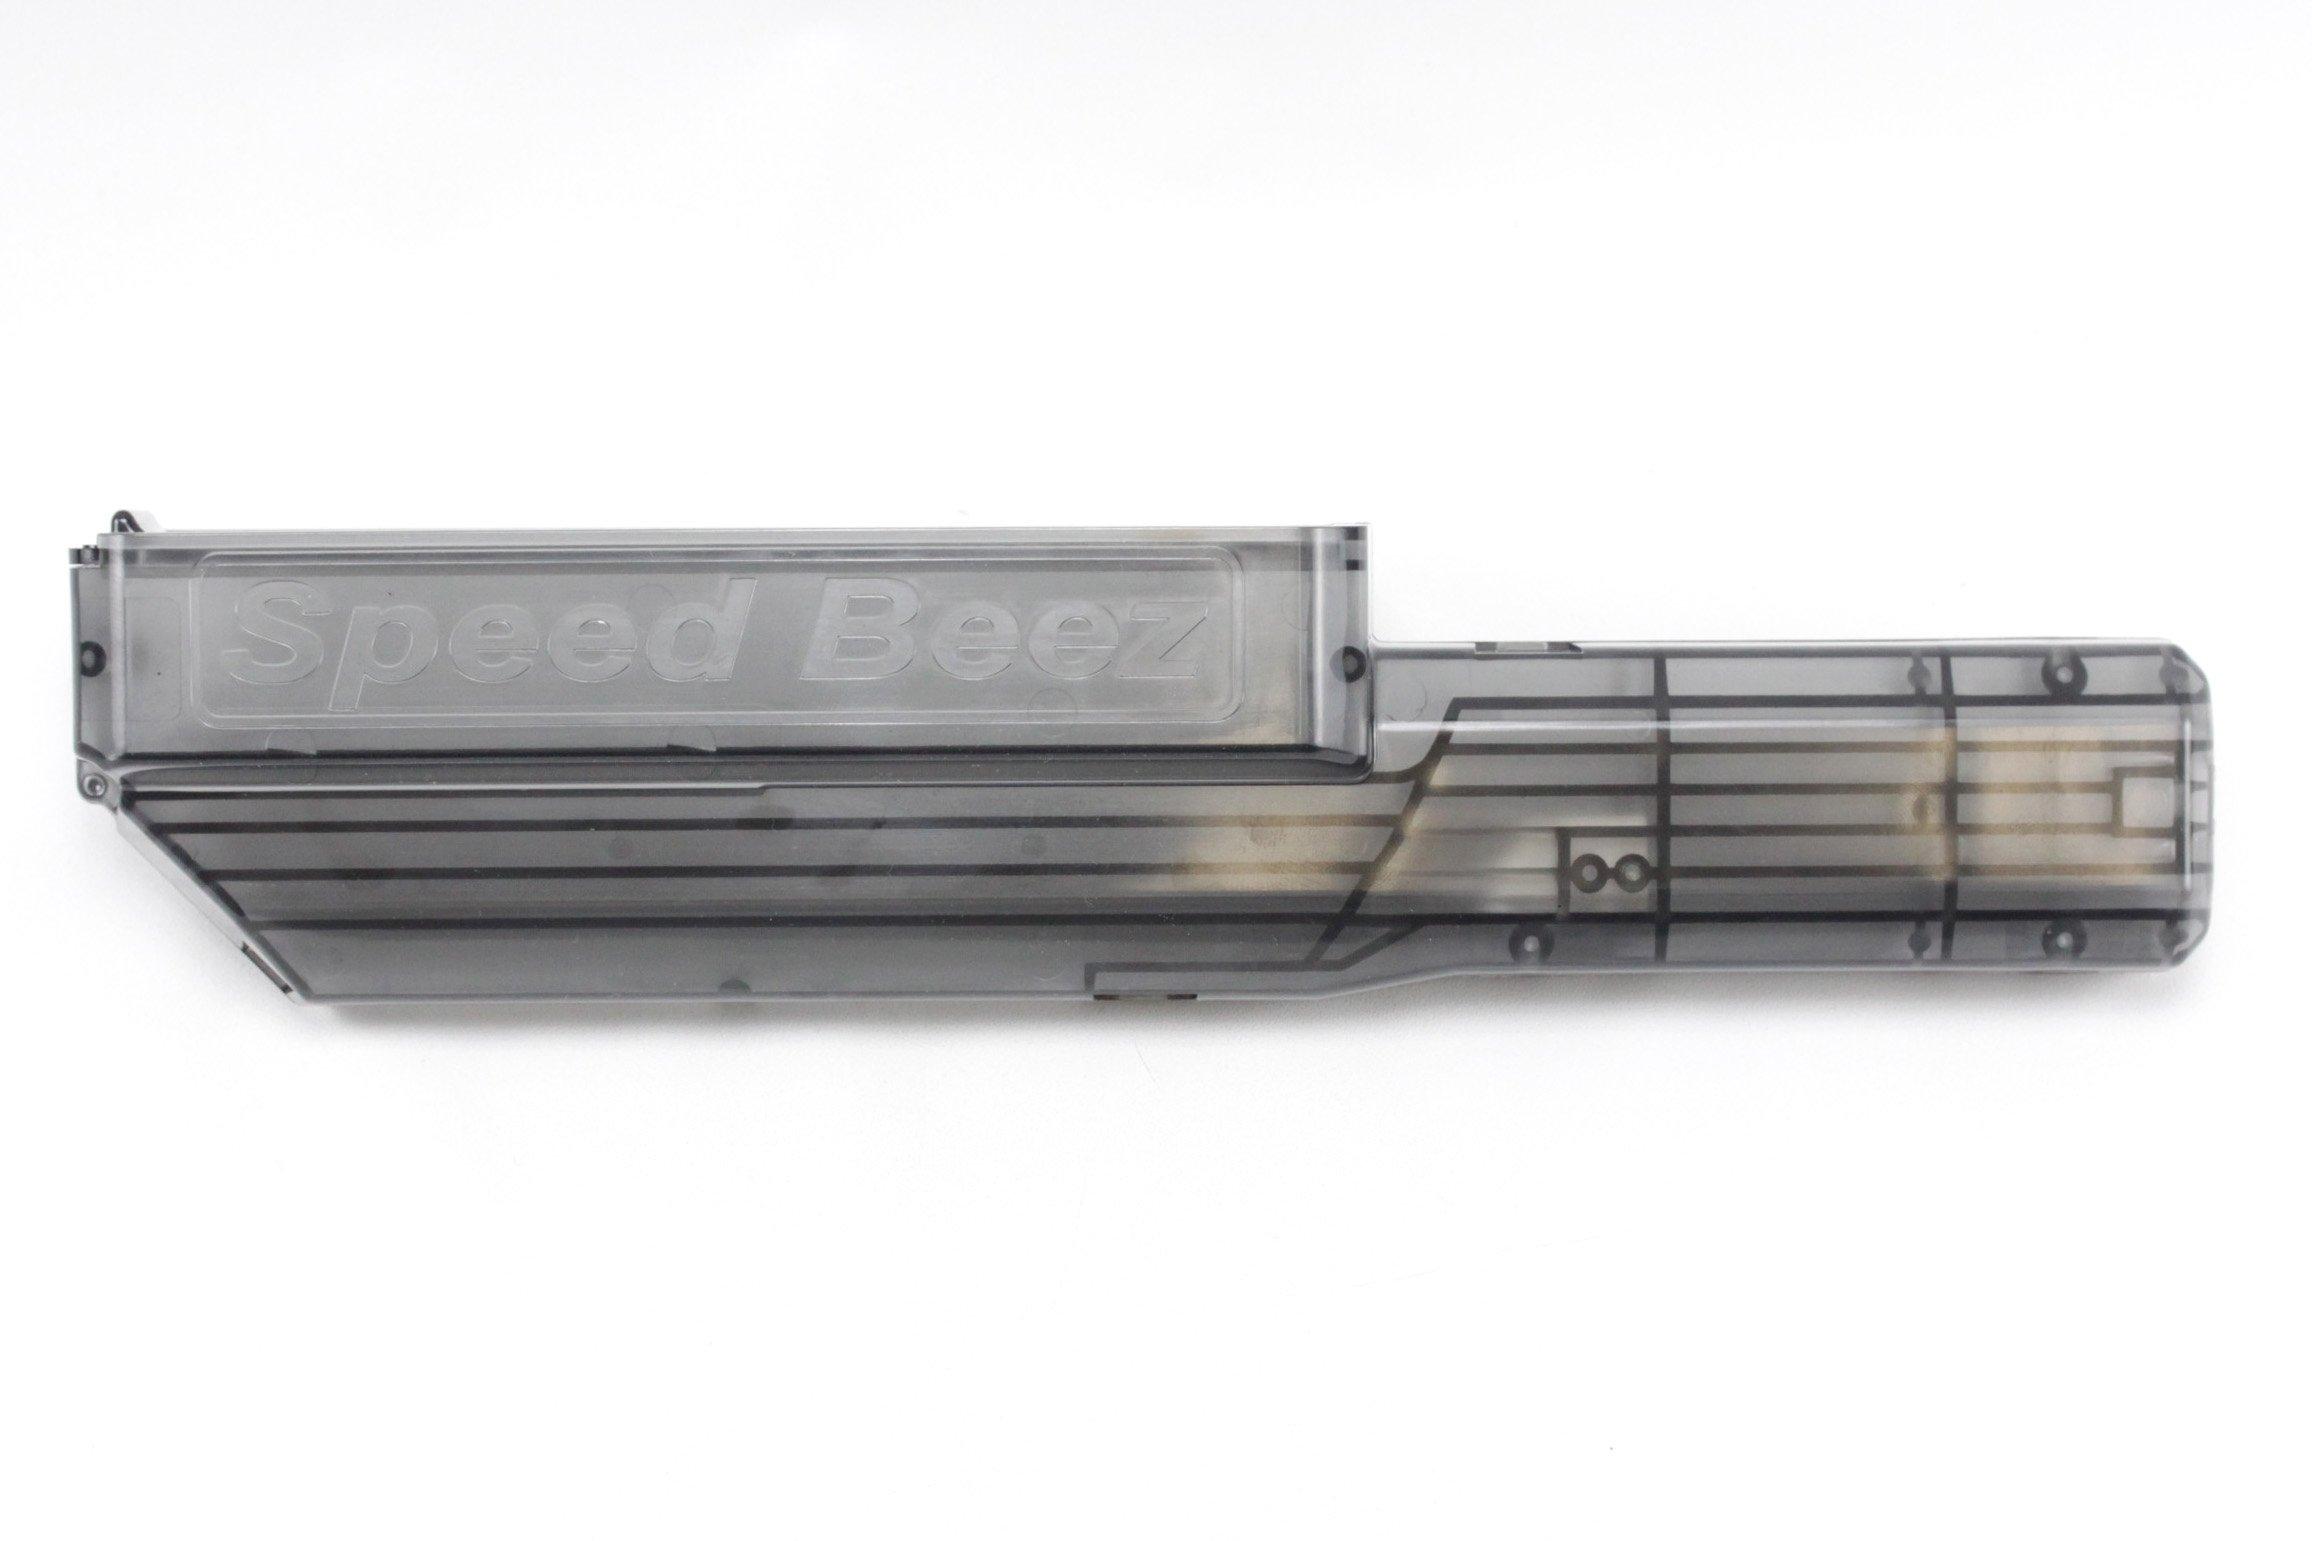 Beretta Neos Speed Beez Shaker Loader